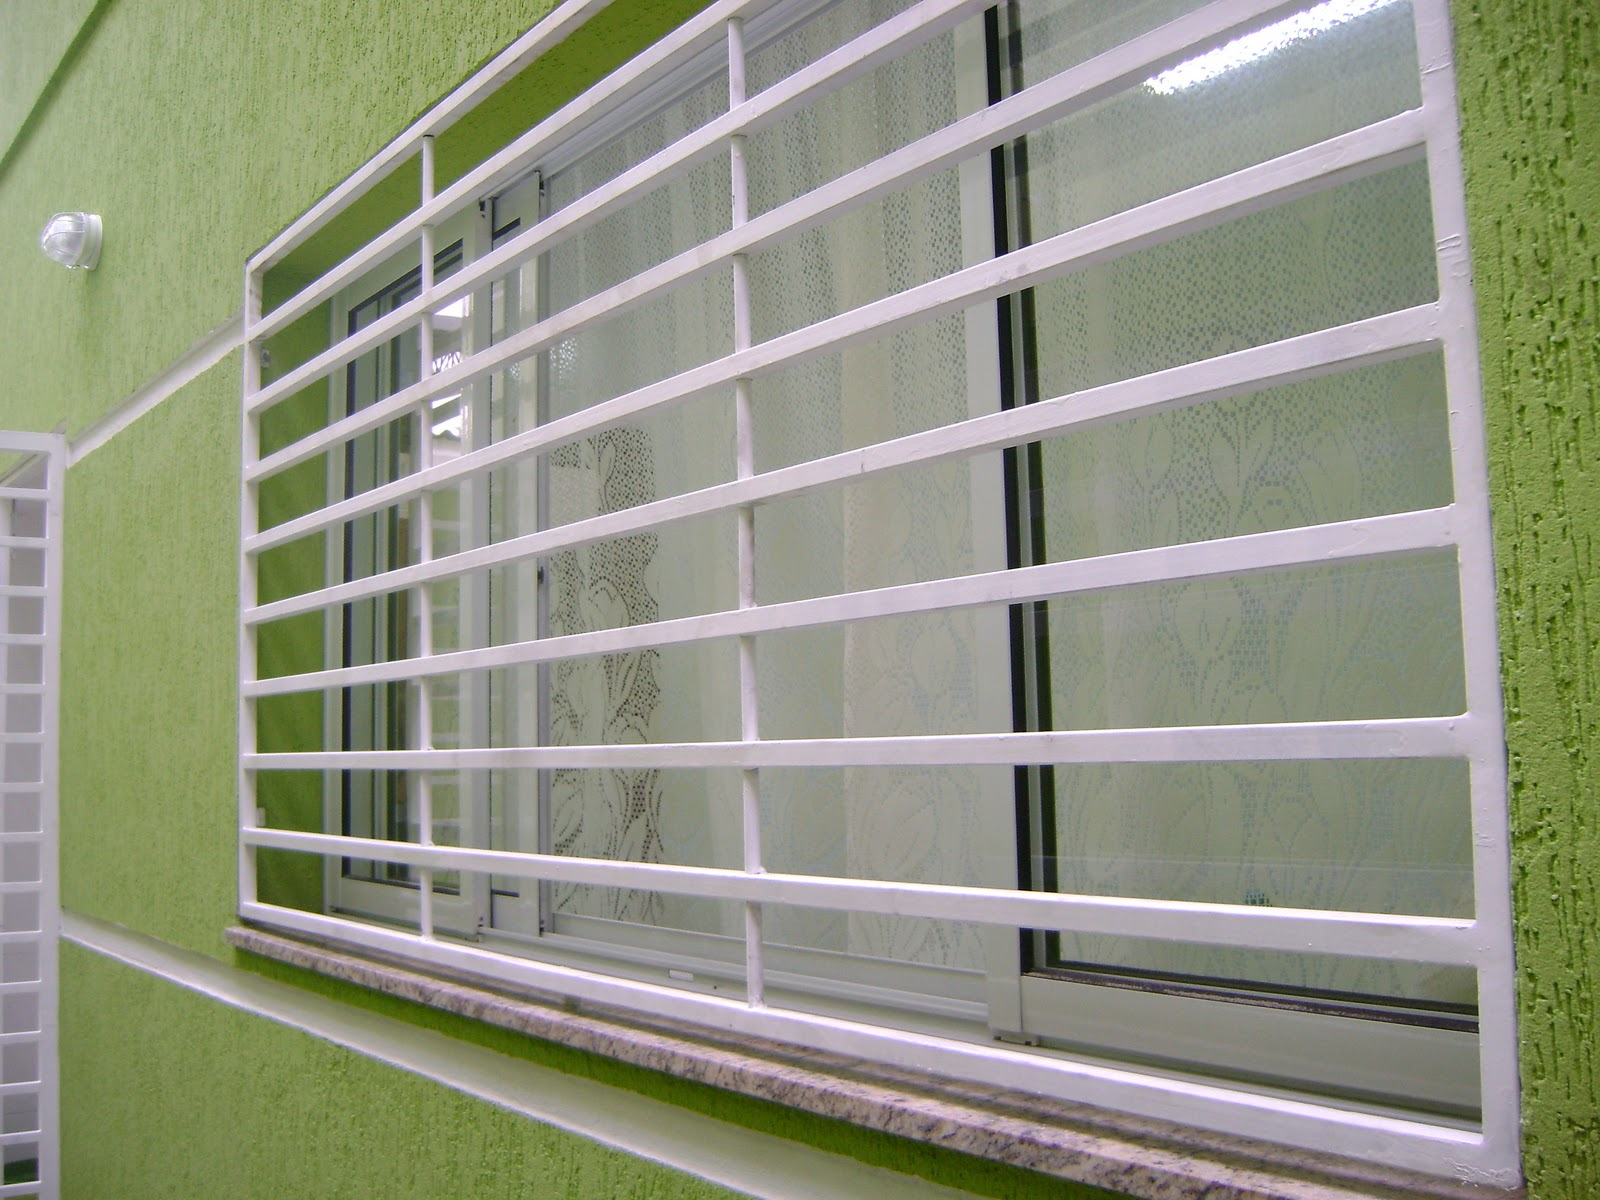 #4C5E22 Esquadrias de Alumínio e Vidraçaria 700 Janelas Venezianas De Aluminio Sob Medida